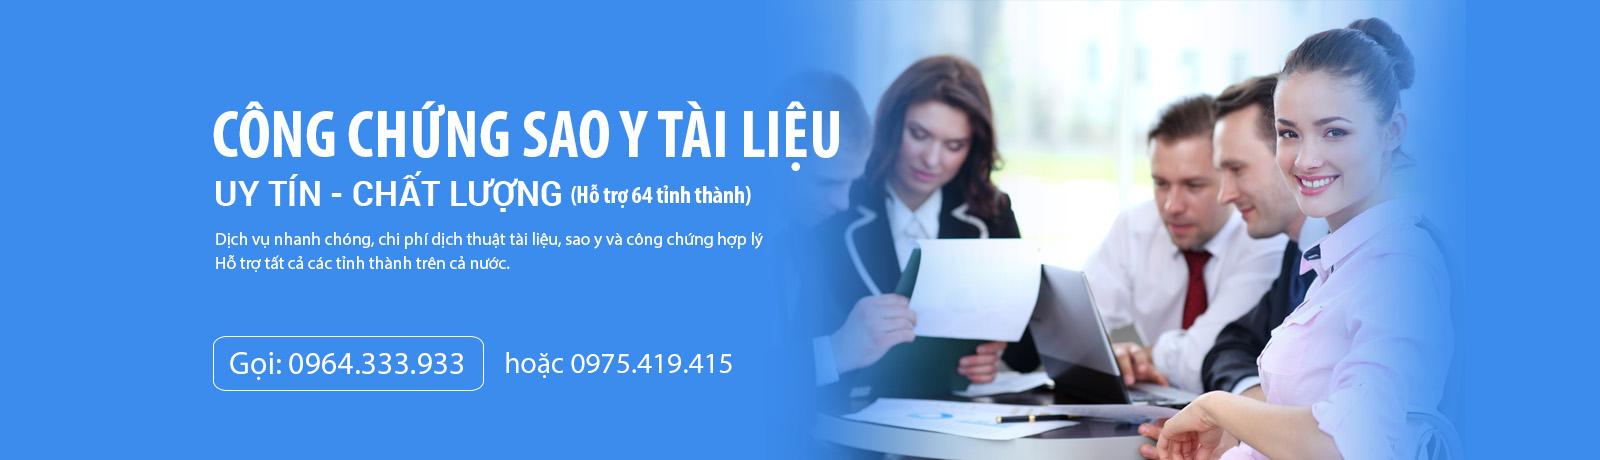 Dịch thuật sao y công chứng nhanh toàn Quốc